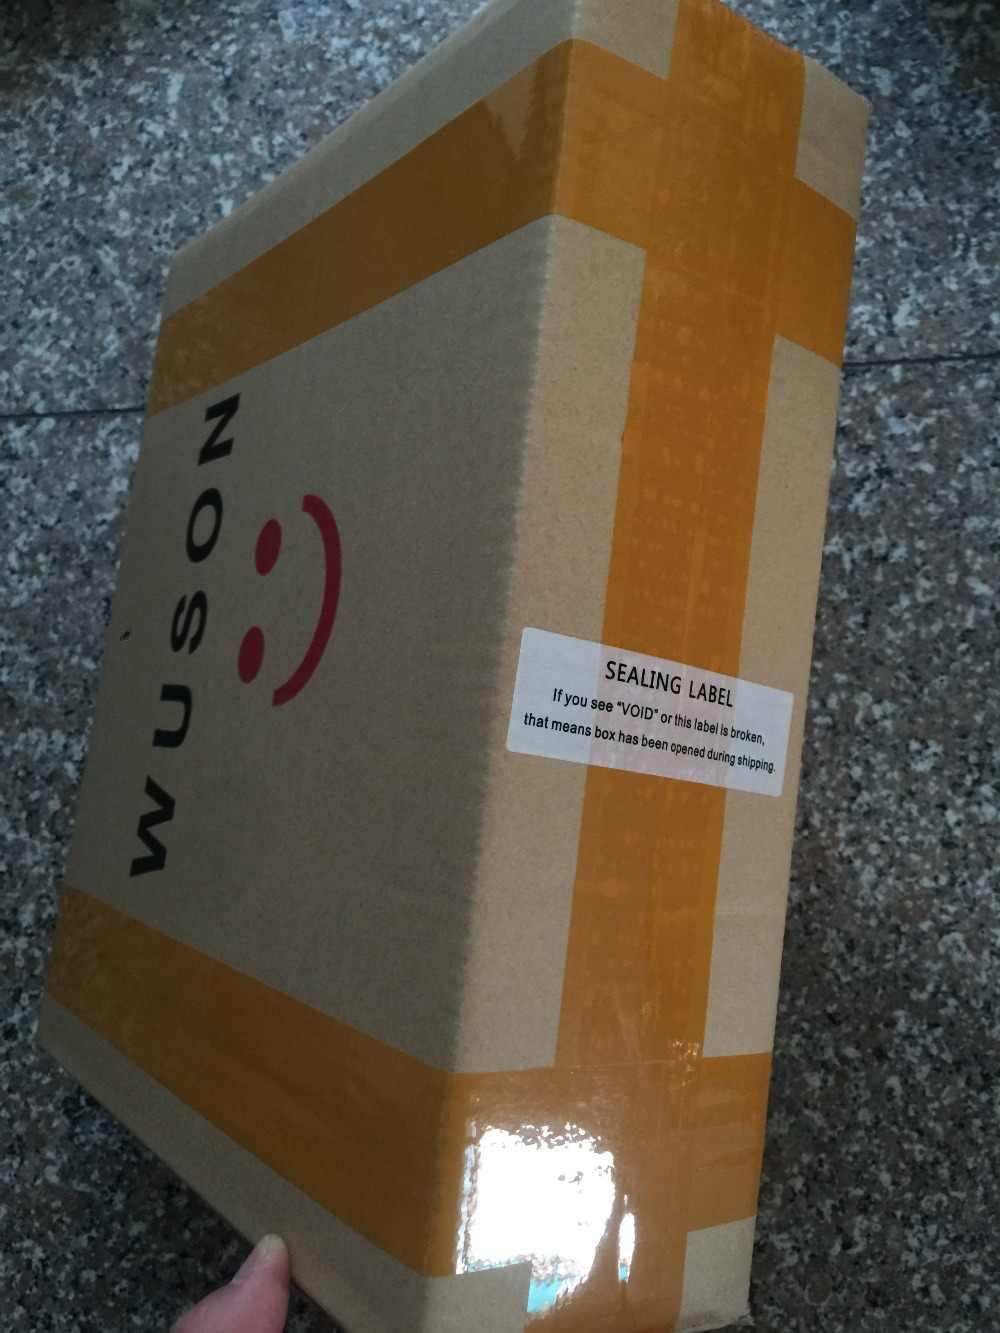 Đề nghị thương hiệu HUANAN TỬ cao cấp X79 LGA2011 Bo mạch chủ Combo M.2 NVMe khe cắm CPU Intel Xeon E5 2670 C2 với đế tản nhiệt RAM 64G RECC